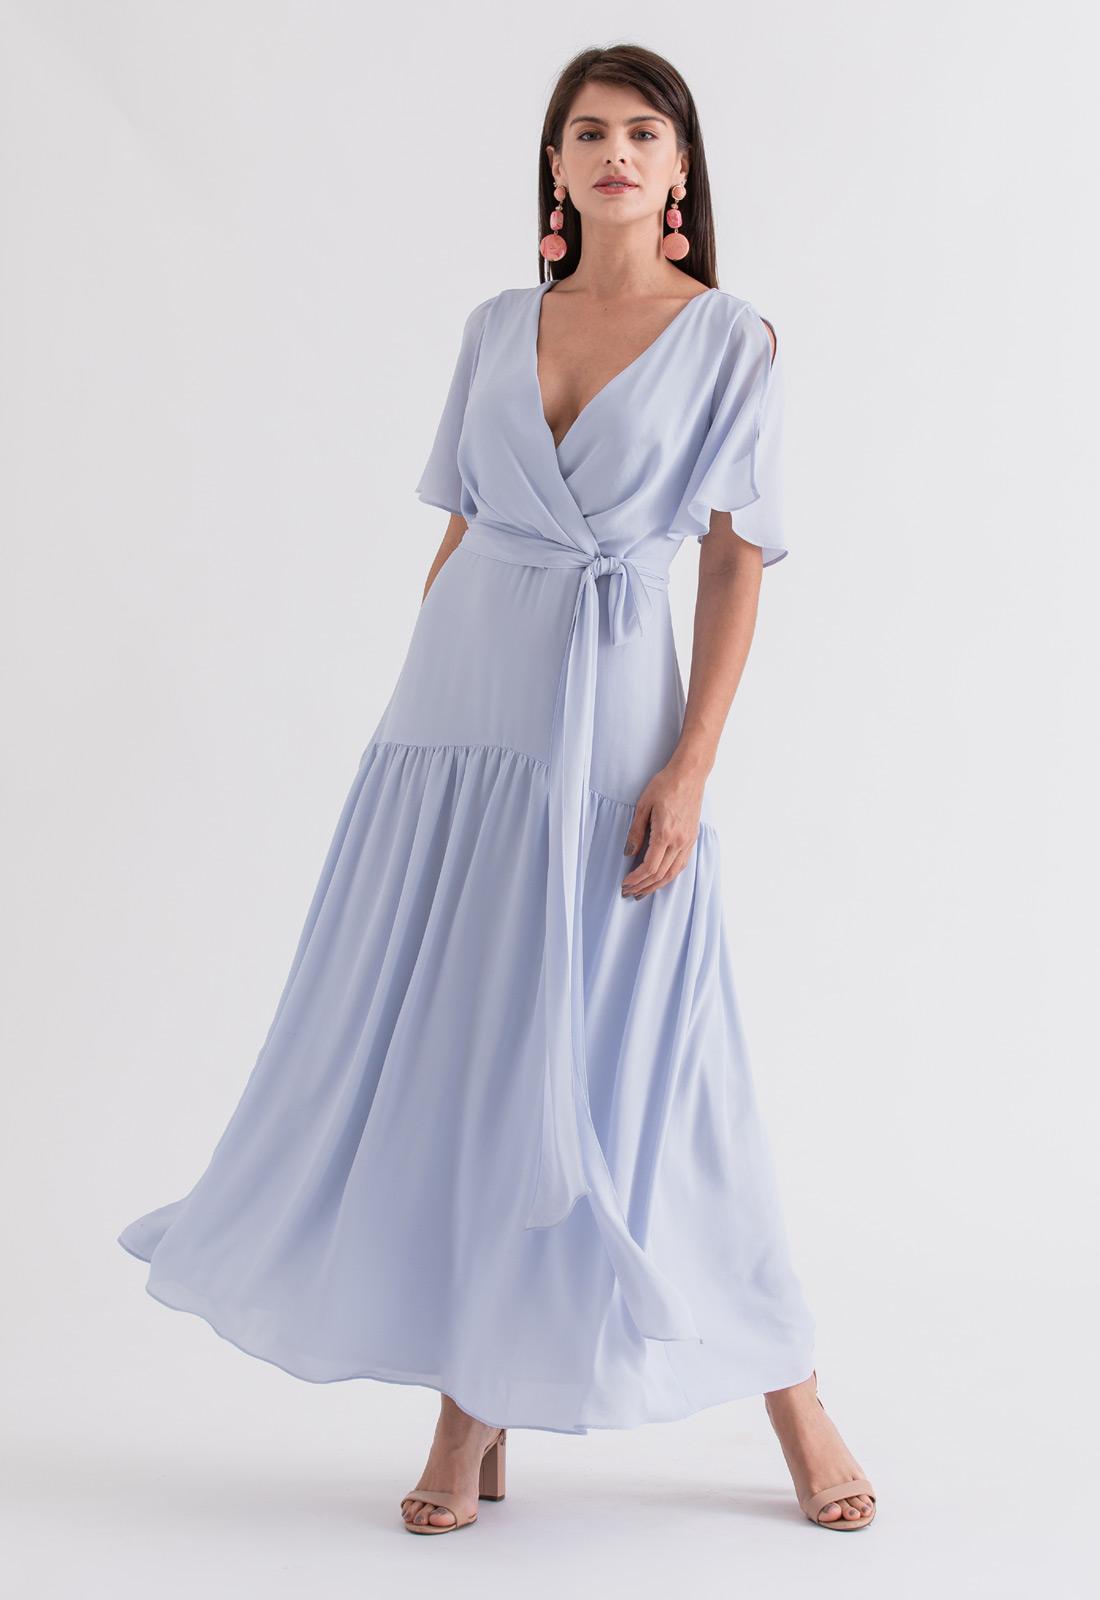 Vestido de festa maxi azul serenity claro ref. 2695